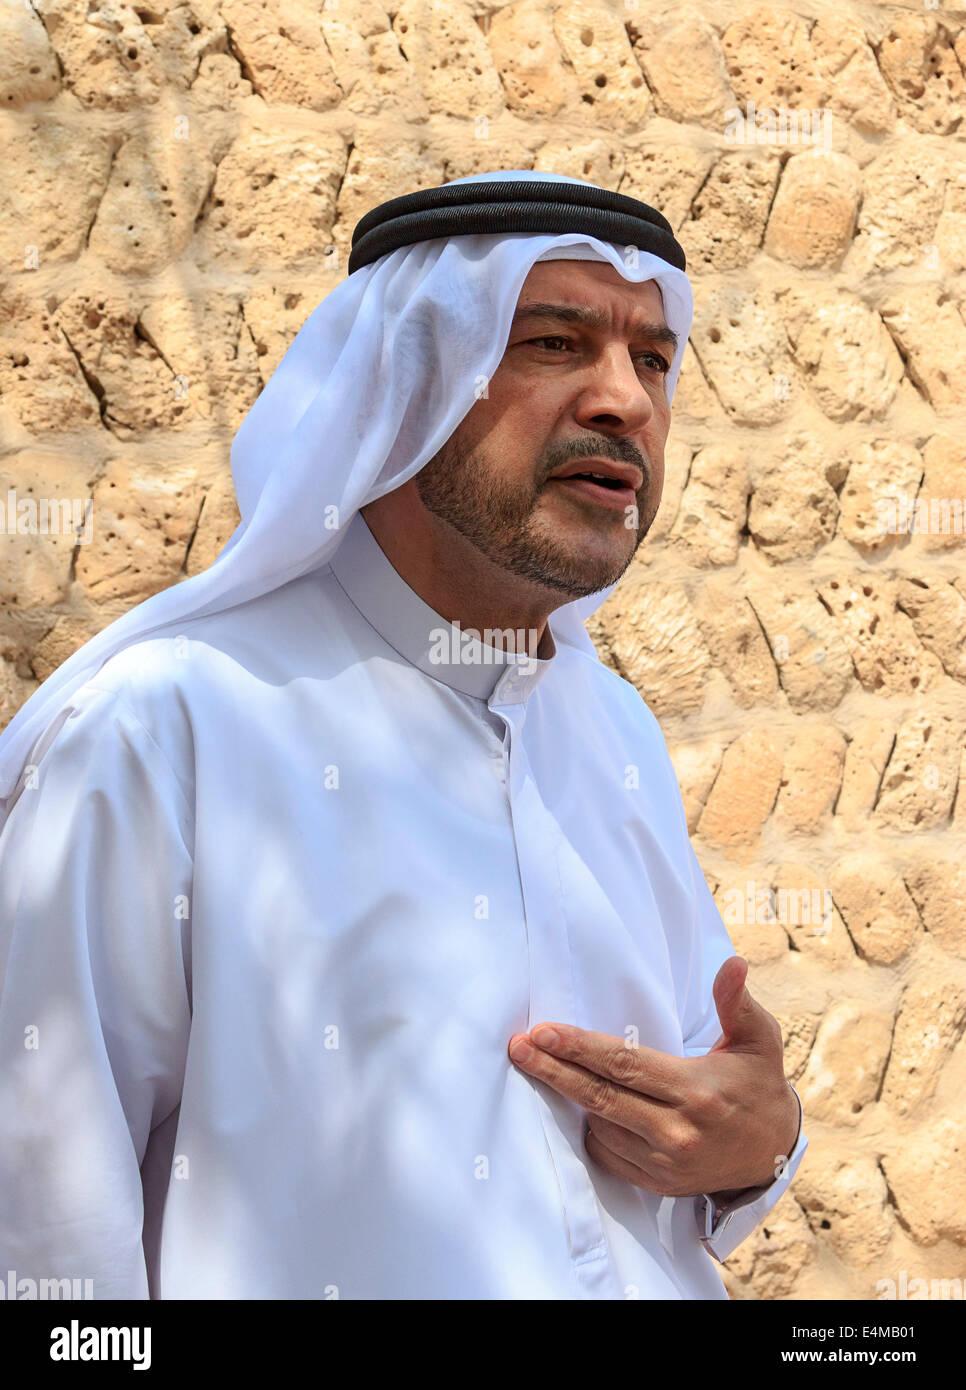 Kayed Nasif, führt in einem traditionellen arabischen Gewand und Kopfschmuck, den Menschen durch Dubai Kulturzentrum Stockbild